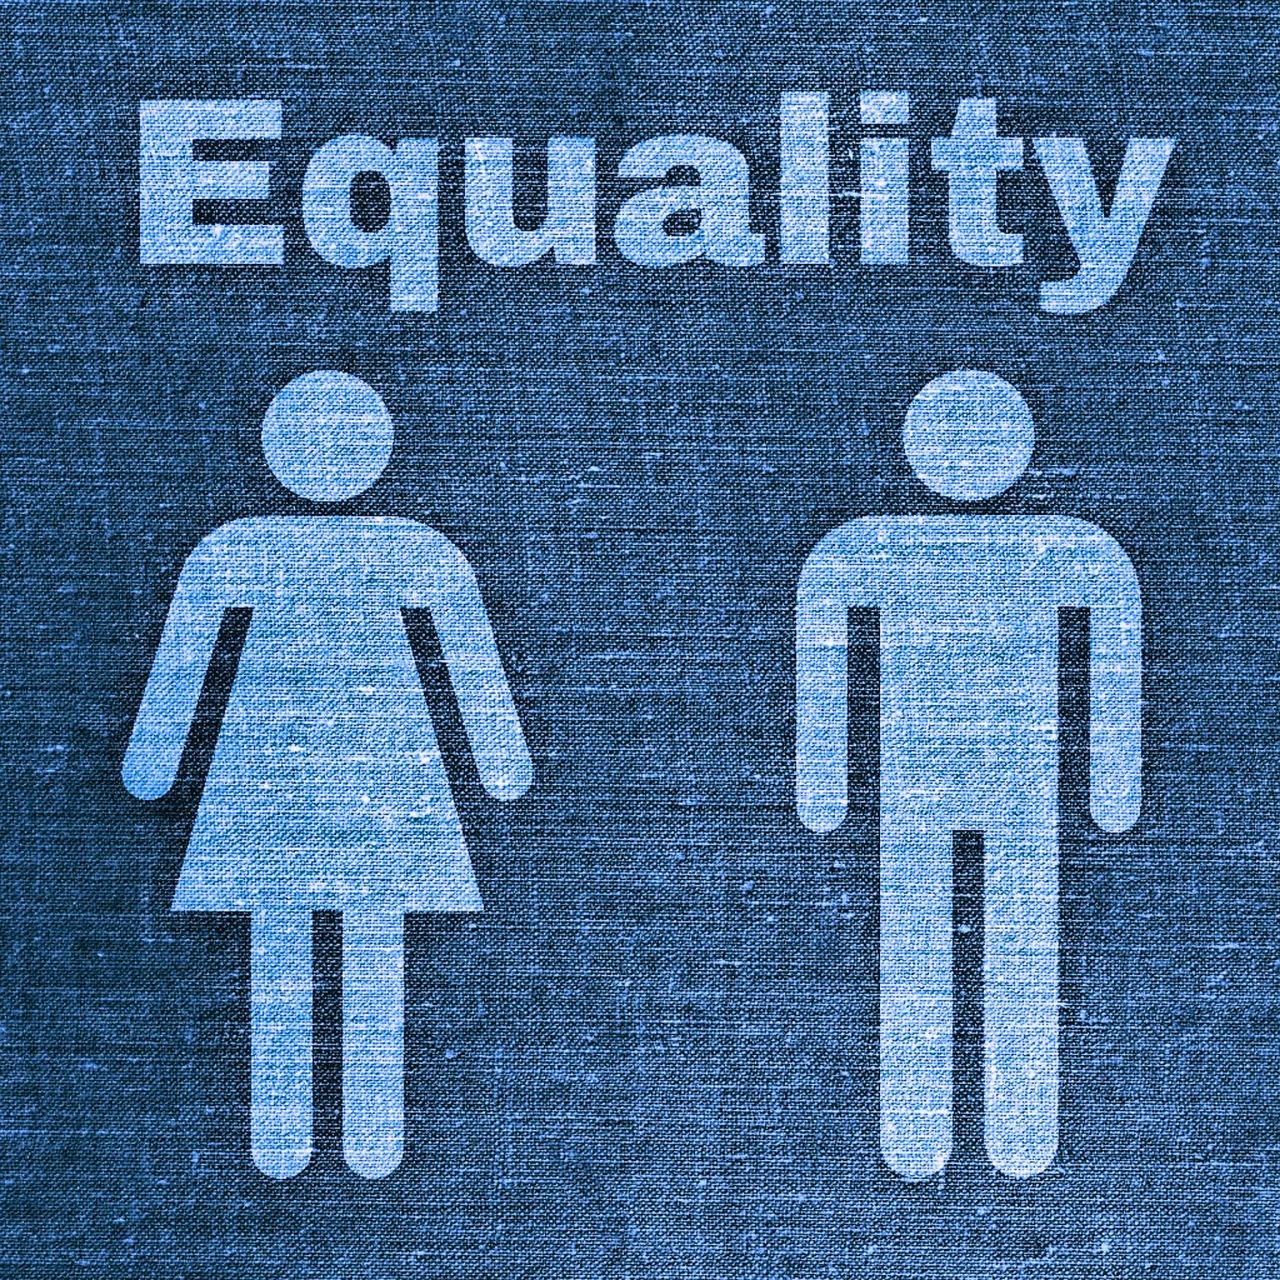 égalité femmes hommes ©pixabay